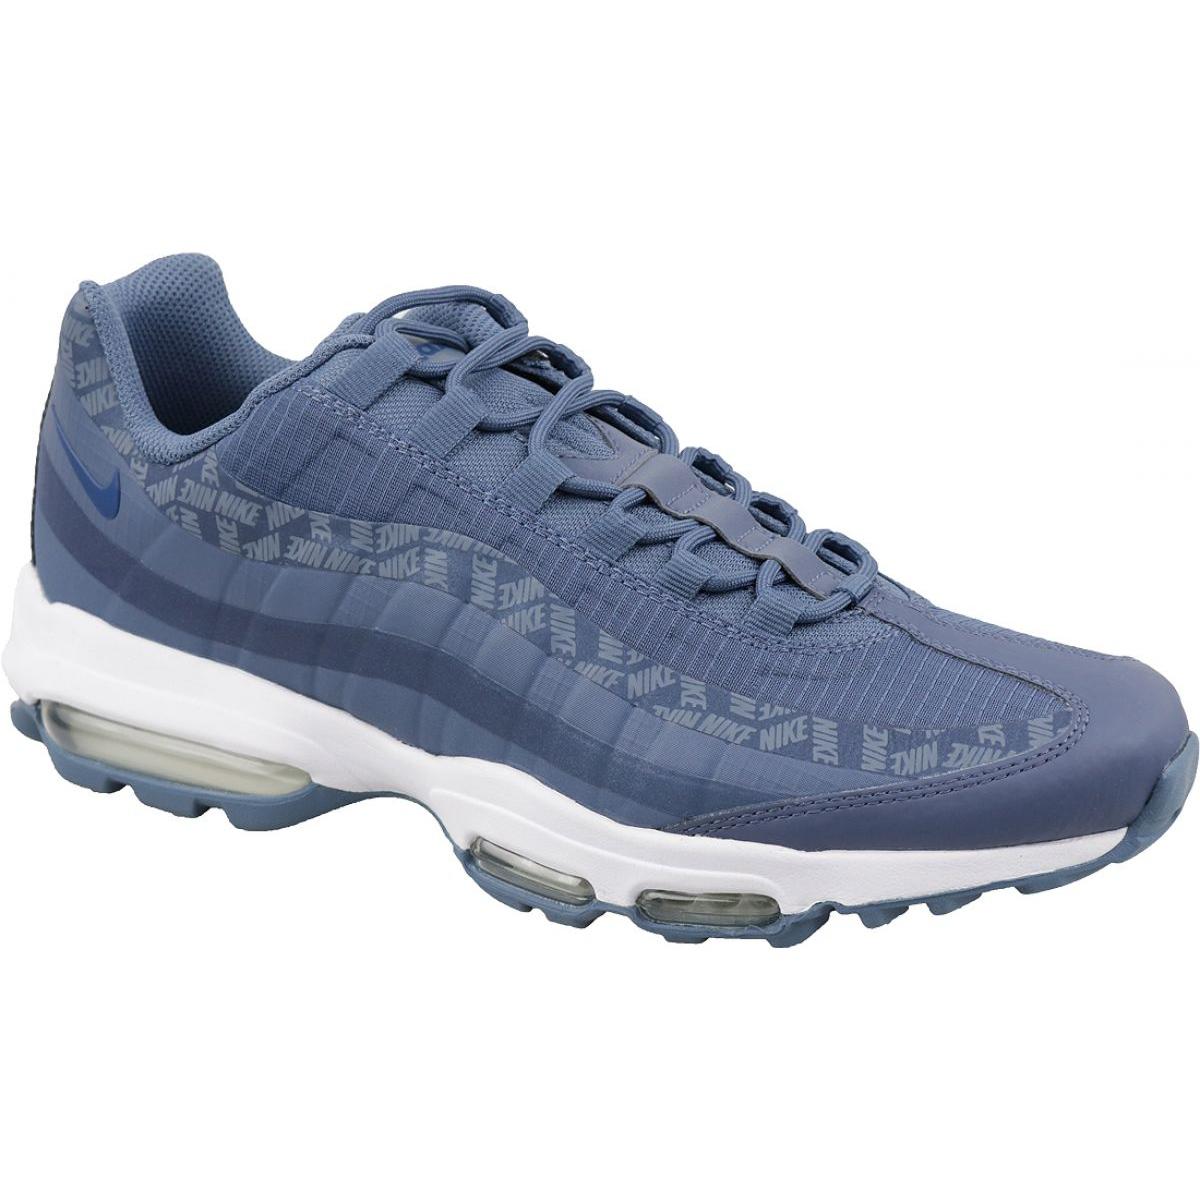 Nike Zapatillas de running Air Max 2016 806771 400 para hombre